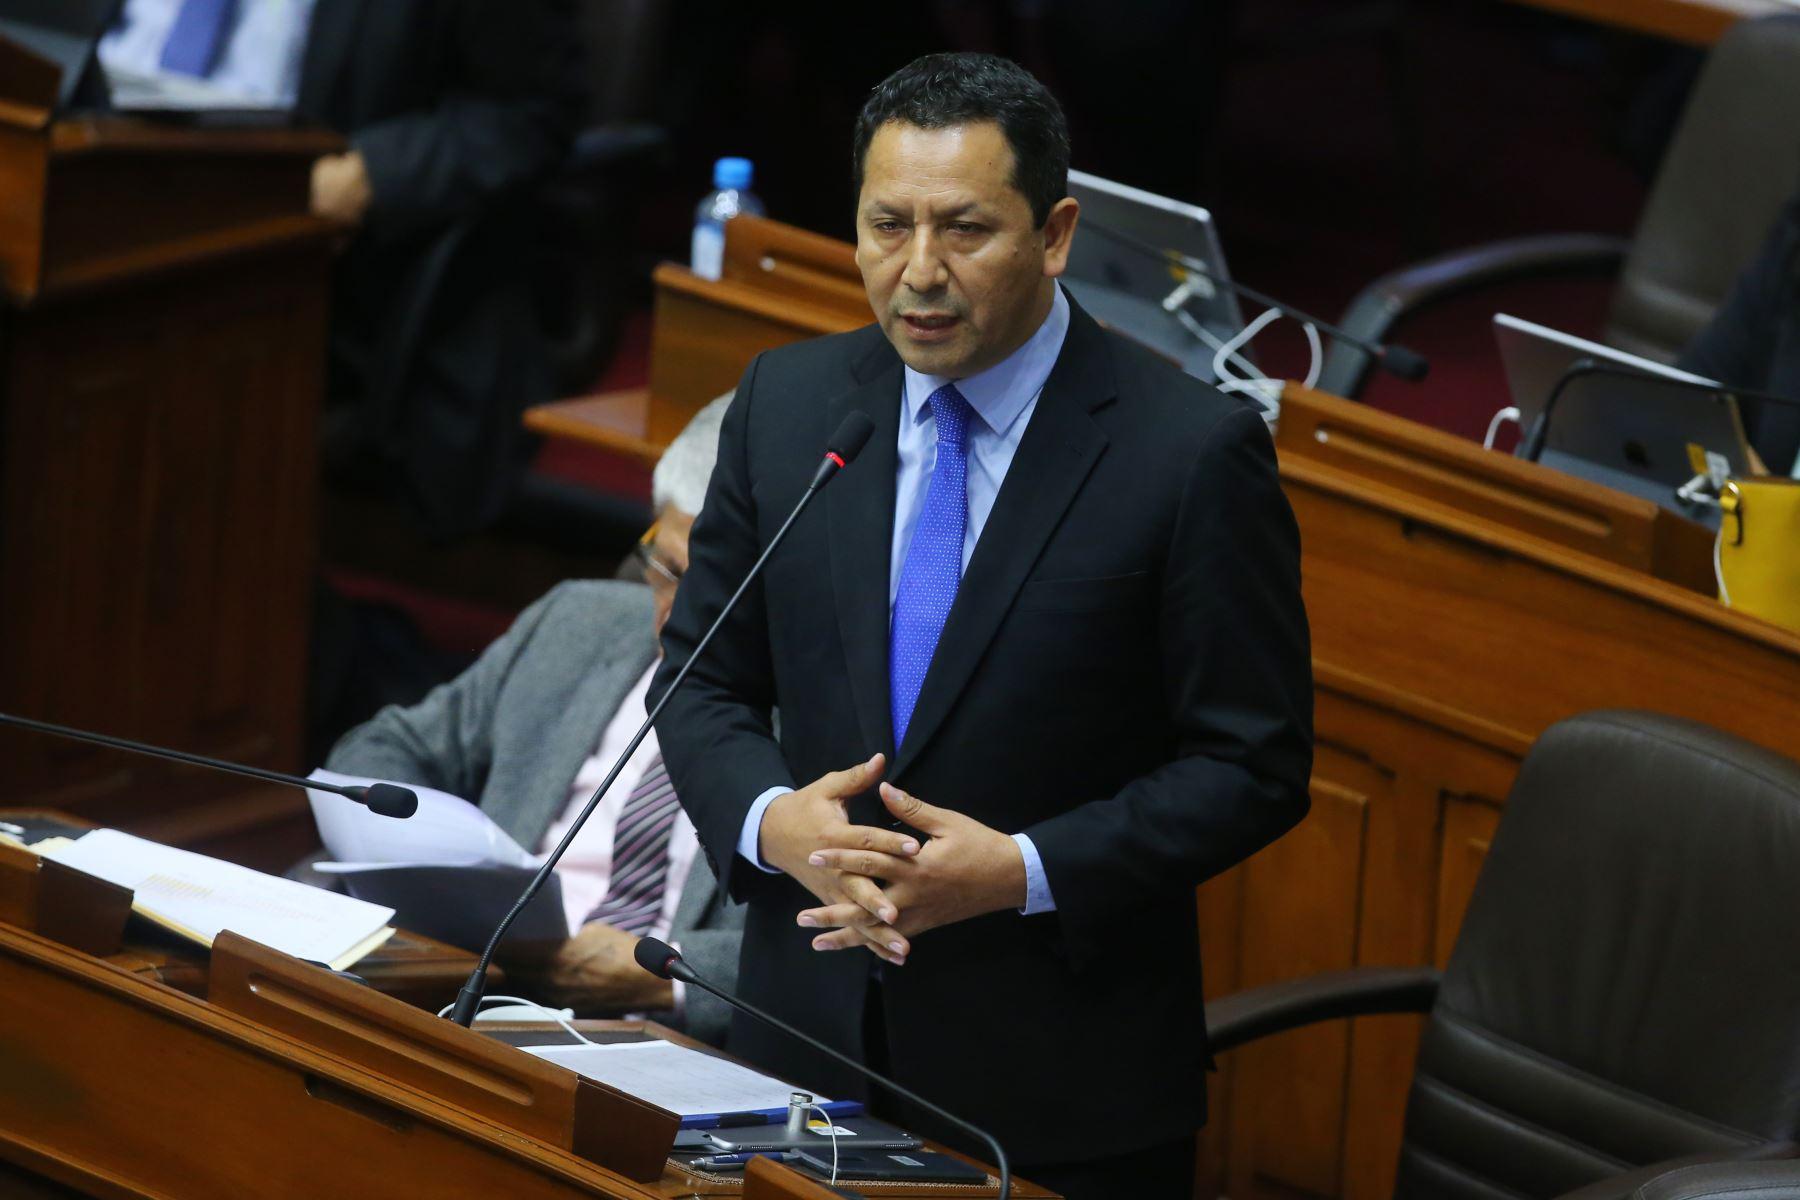 Congresista Clemente Flores  interviene en el debate sobre la cuestión de confianza en el Congreso de la República. Foto: ANDINA/Vidal Tarqui